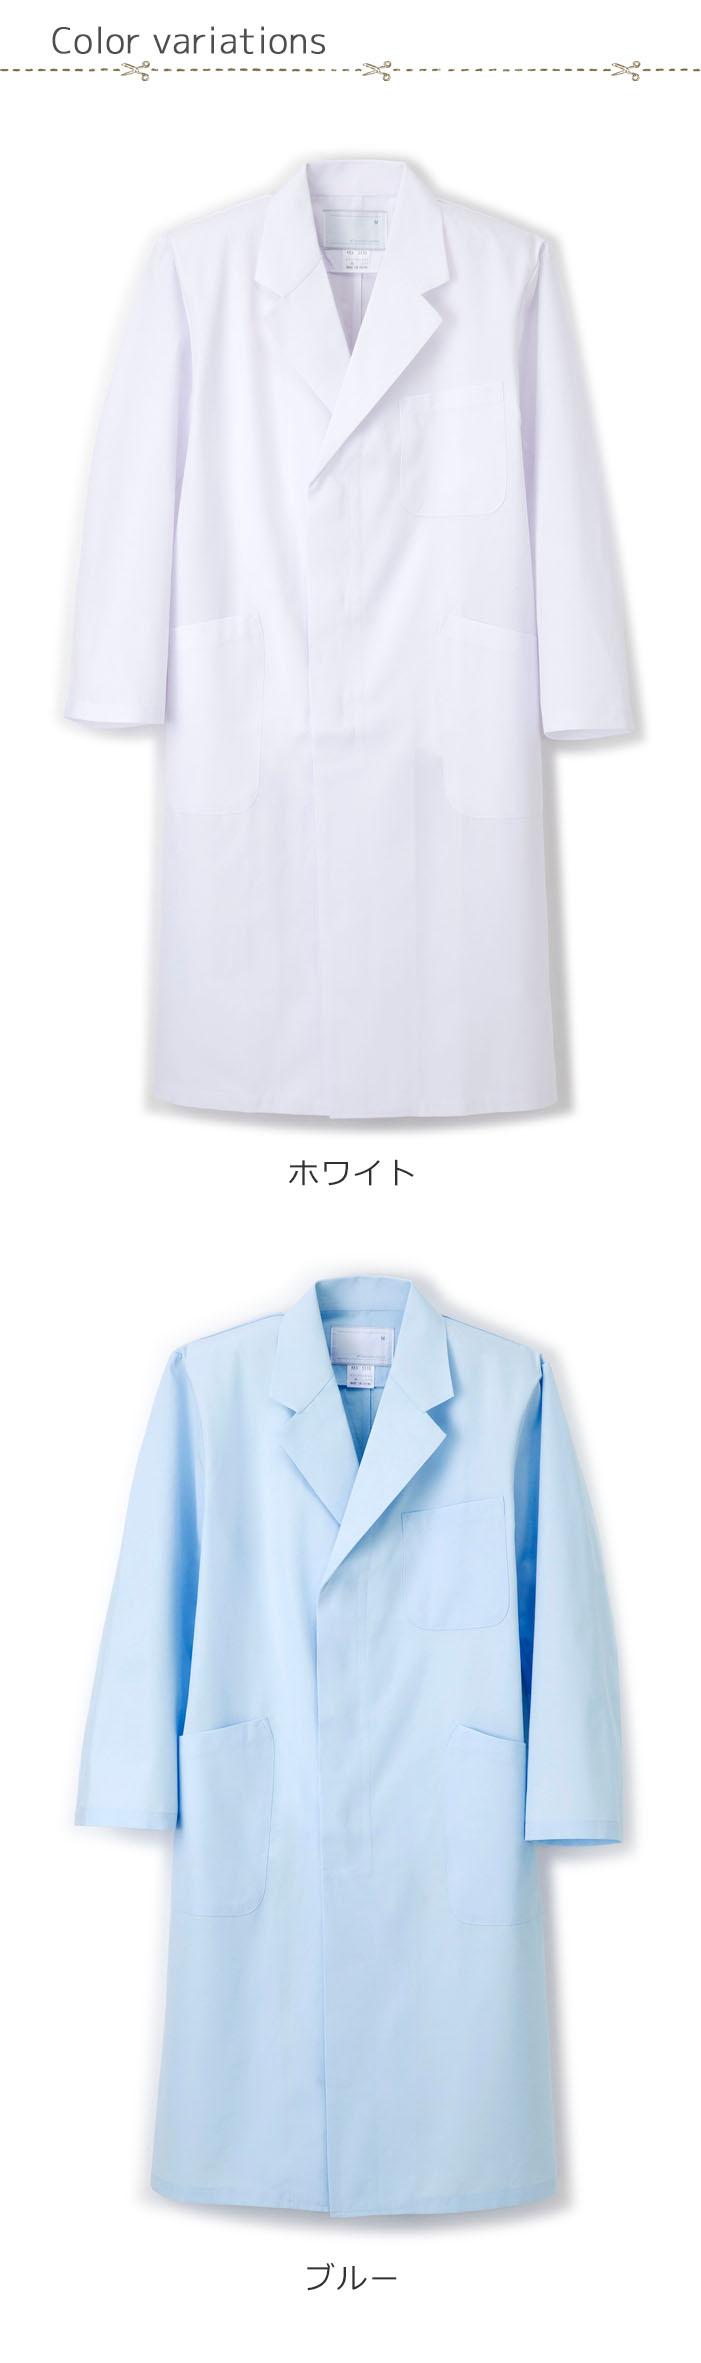 【歯科・病院ユニフォーム】 ドラマ「ドクターX」で採用された シングル診察衣【2色】男性用